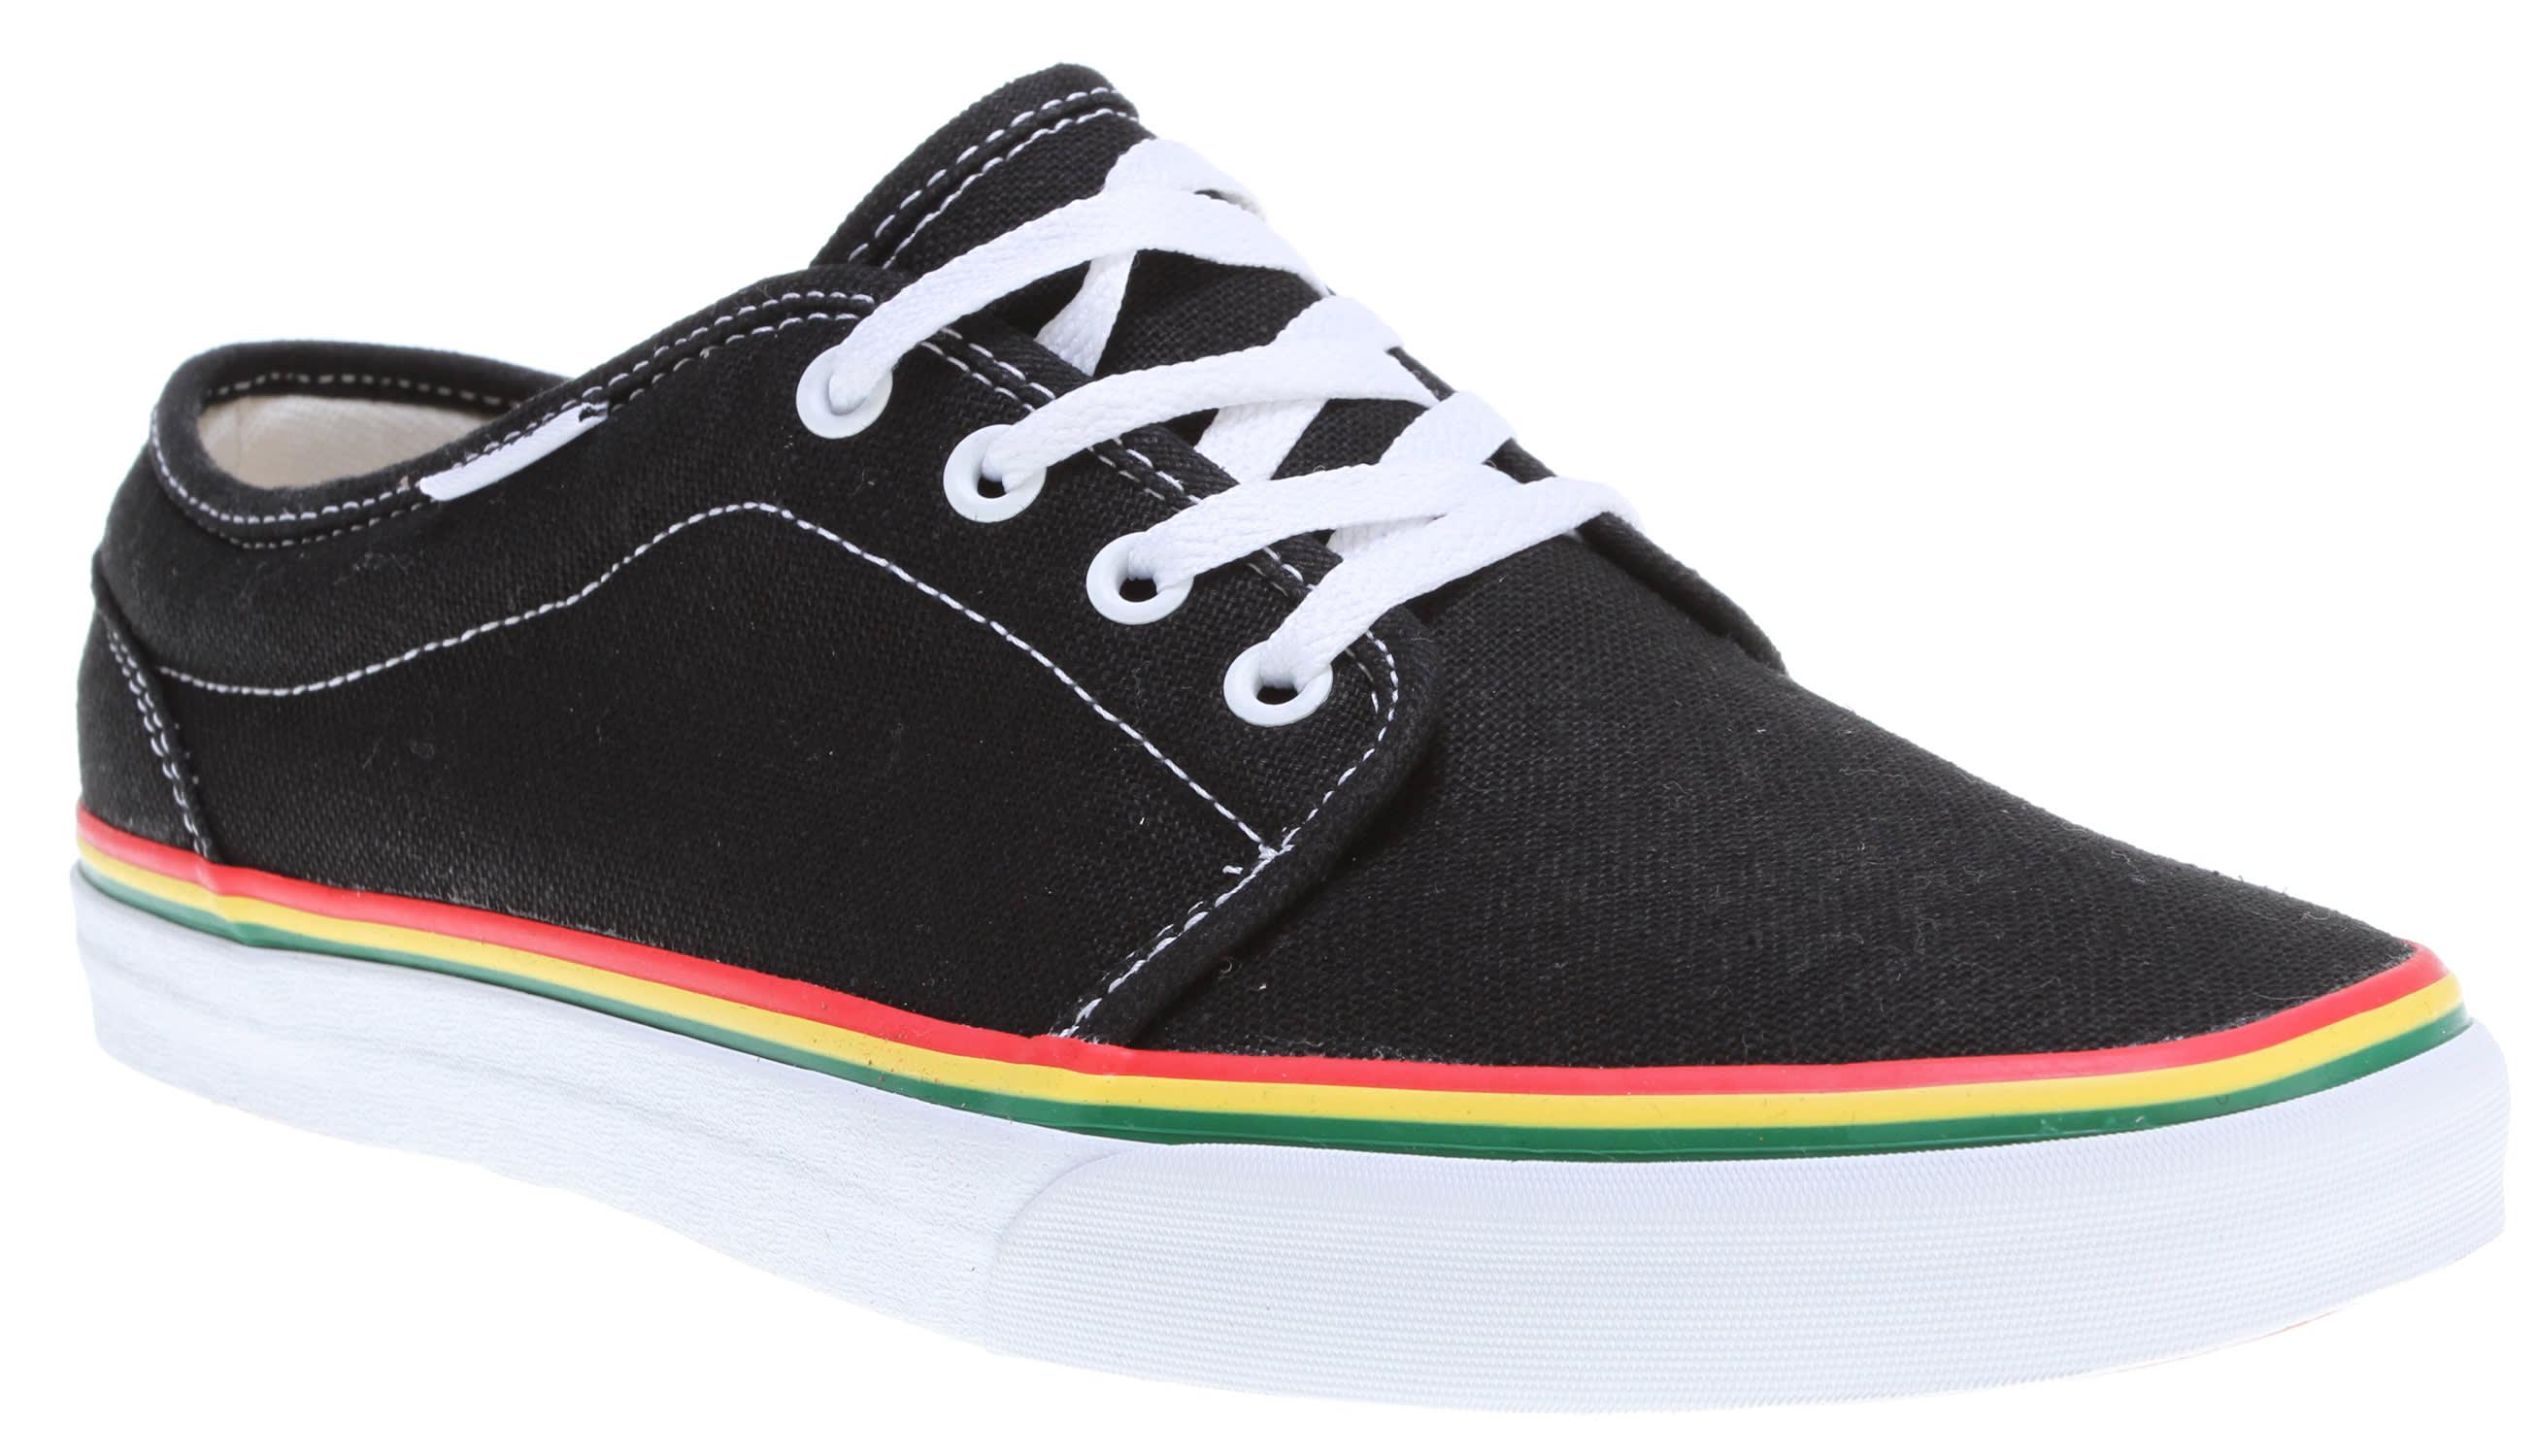 6fddff0d5c Vans 106 Vulcanized Skate Shoes - thumbnail 2